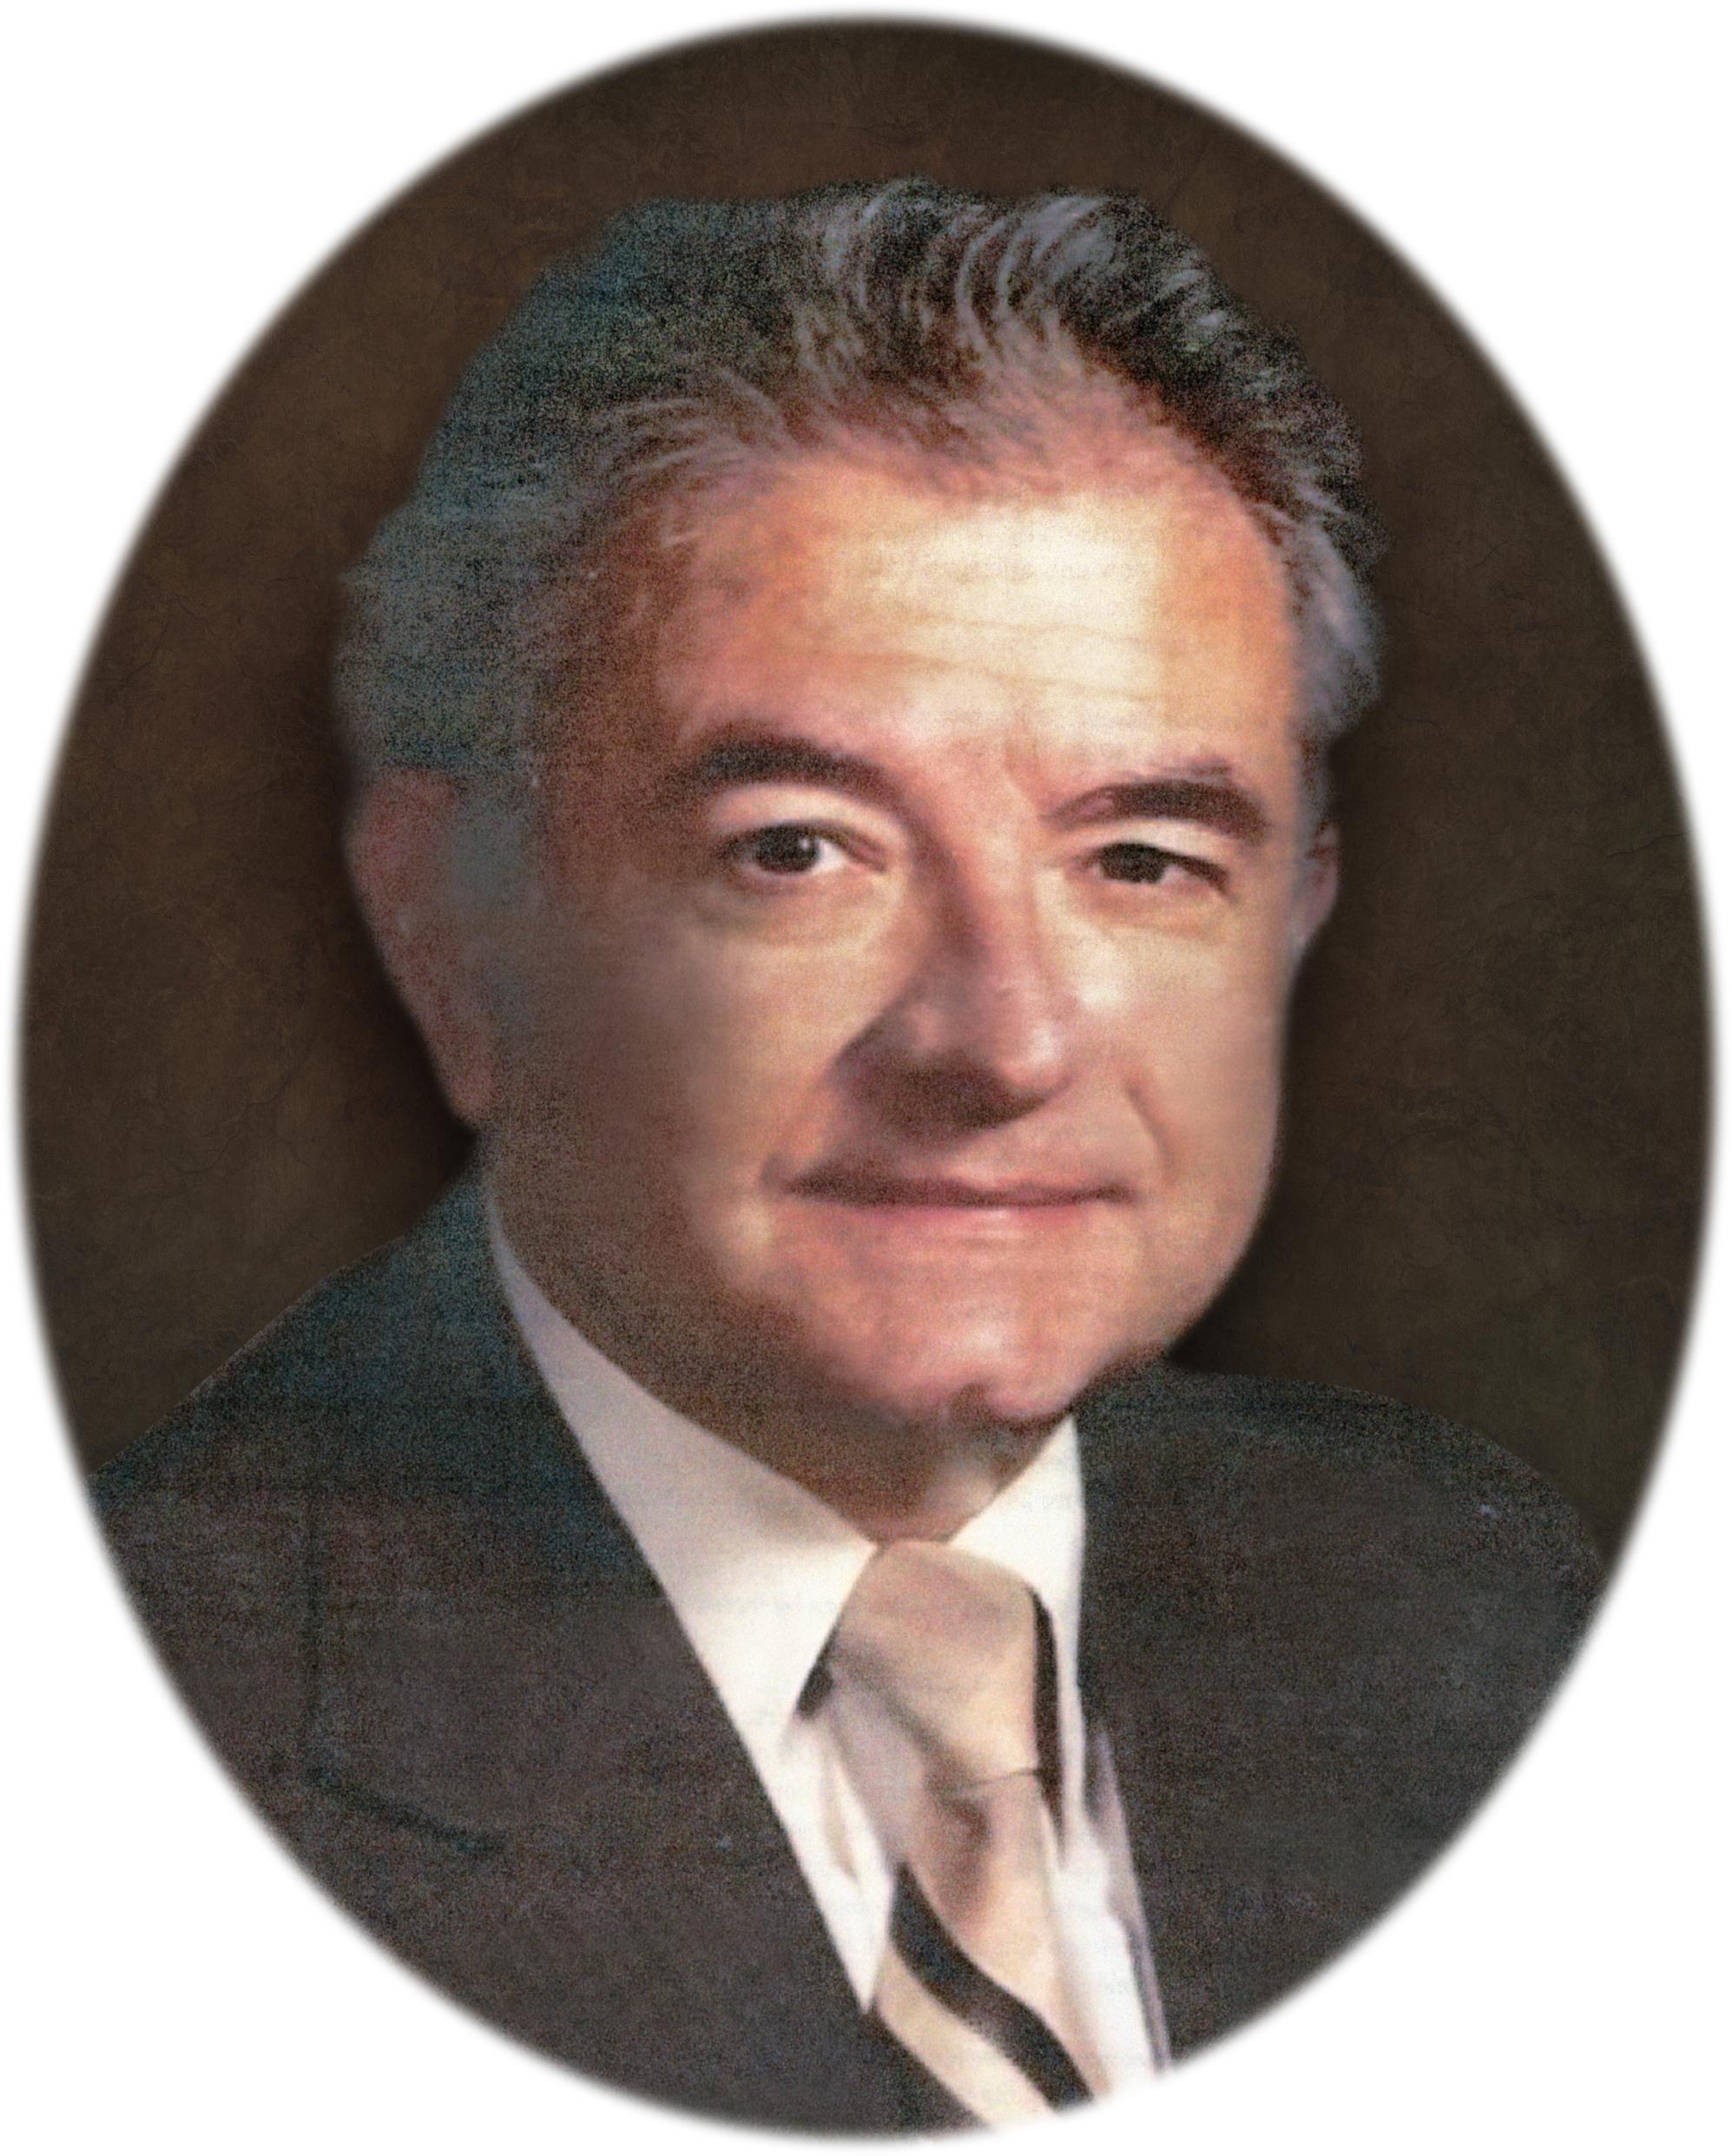 Reverend Dr. Robert A. Reider